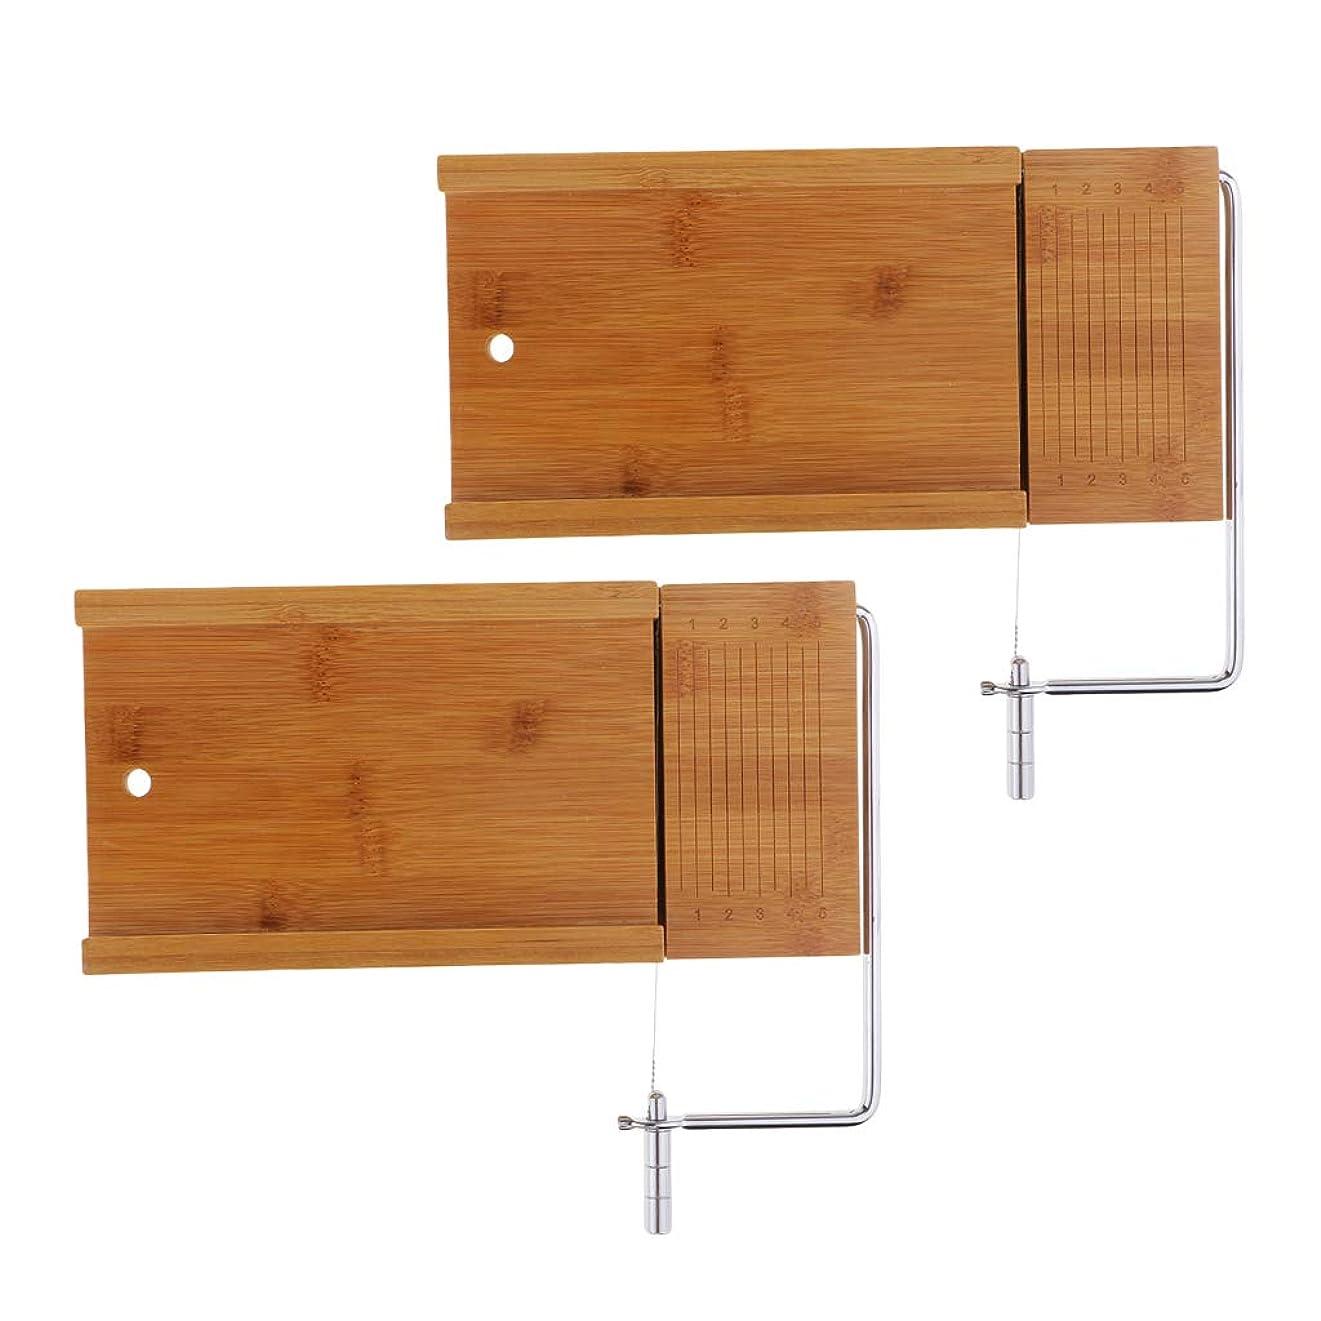 どんなときも手つかずのコールドgazechimp 2個入り ソープスライサー ソープカッター 台 木質 せっけんカッター ワイヤー 石鹸切削工具 耐久性